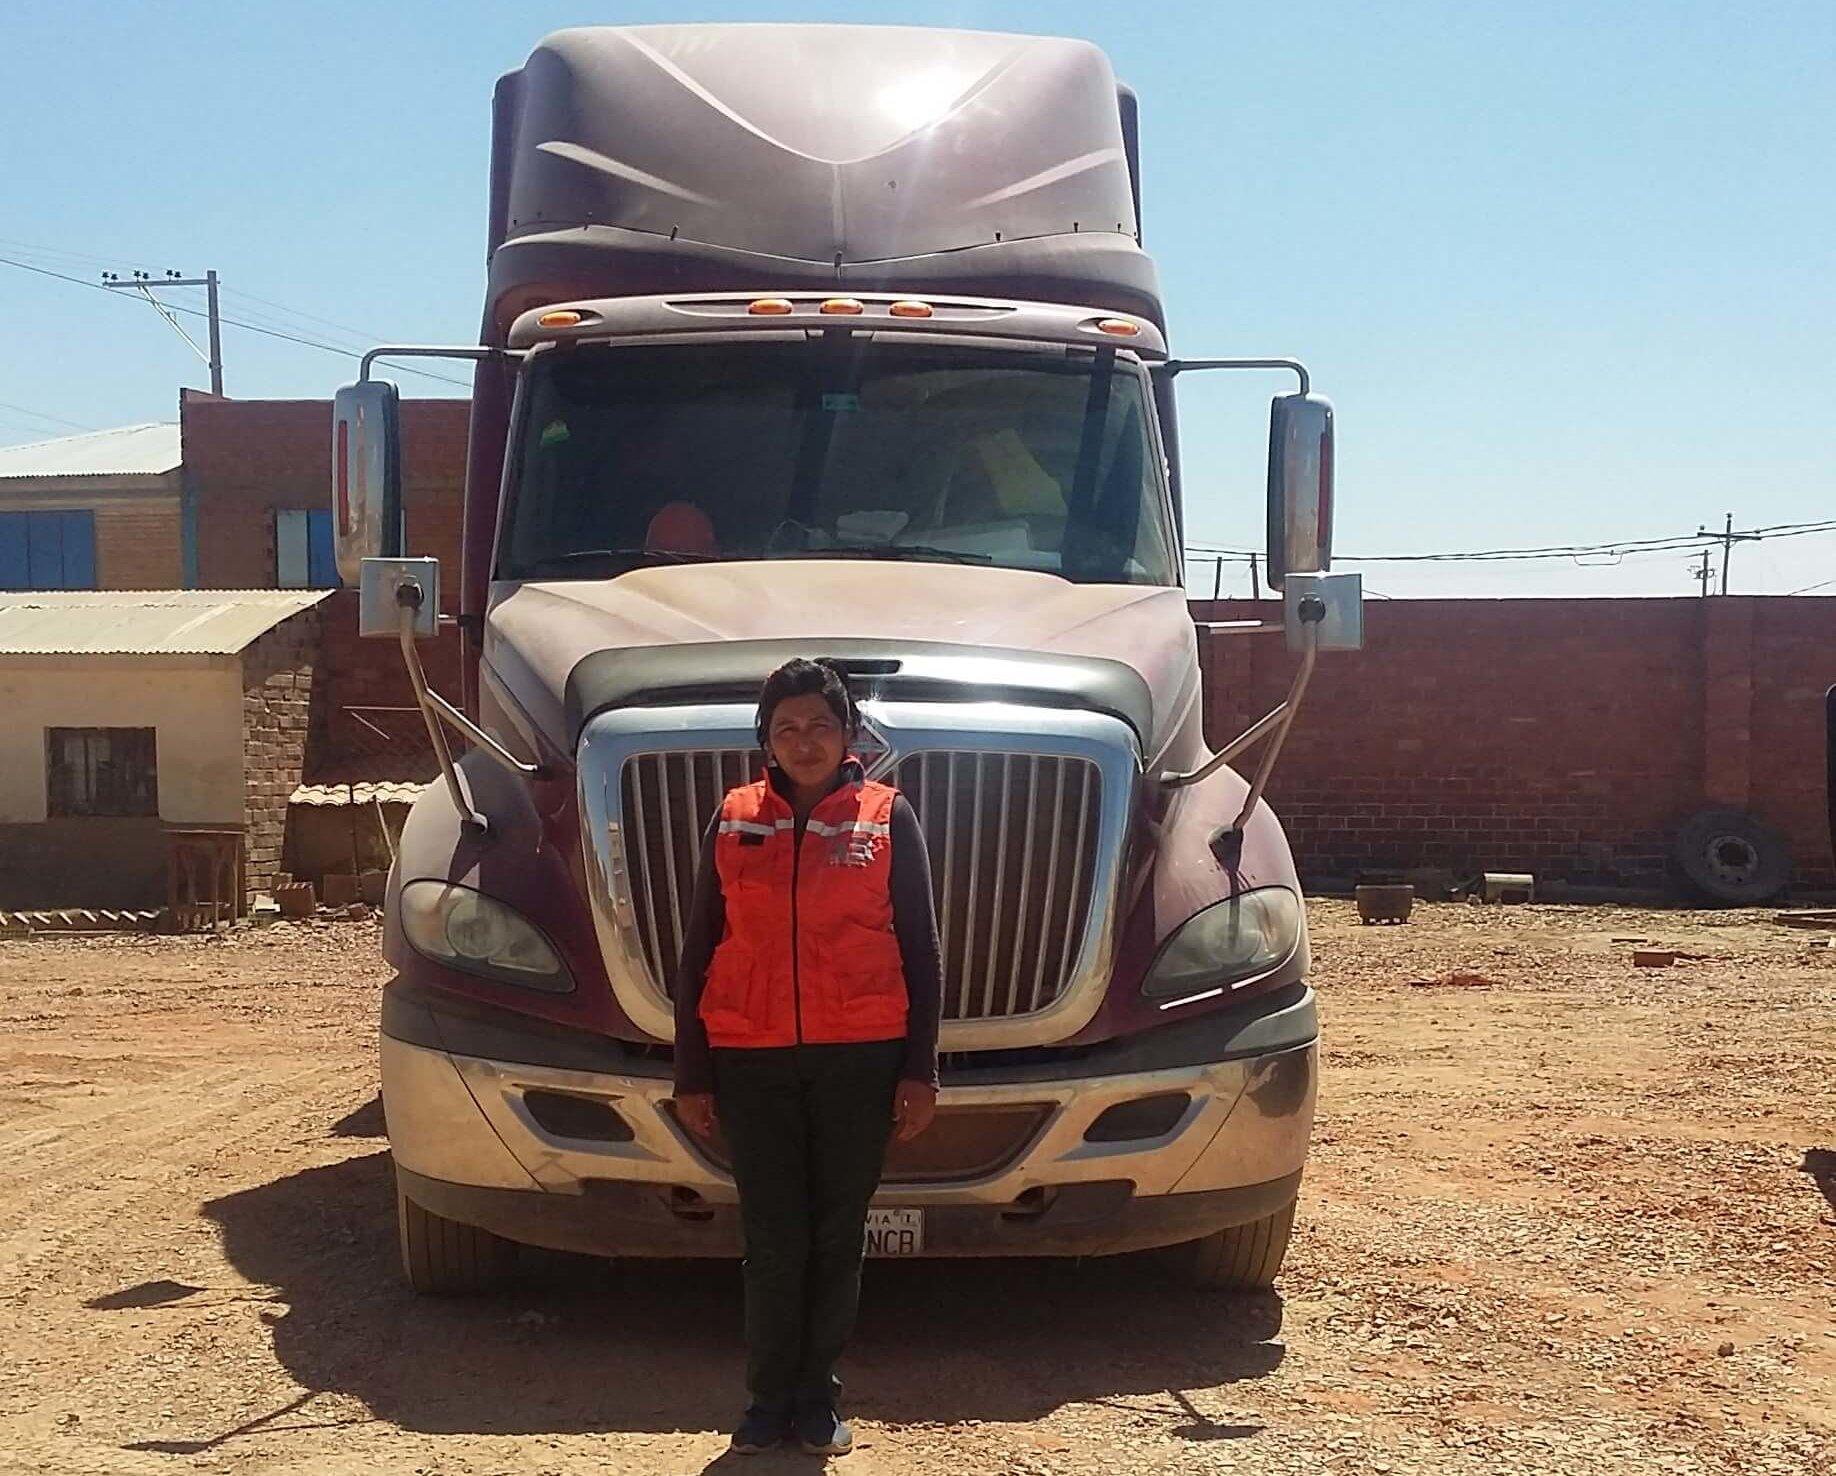 Lila Alvarez empezó una fábrica de ladrillos con su hermana en 2007 con fondos de BancoSol. Además del crédito, Lila usa muchas otras herramientas de BancoSol, que le ayudan a cumplir los plazos de pago de los proveedores y pagar a sus diez empleados. El banco ha posibilitado a Lila a competir y tener éxito en la industria de la construcción dominada por hombres, haciendo realidad su sueño de ser dueña de un negocio.